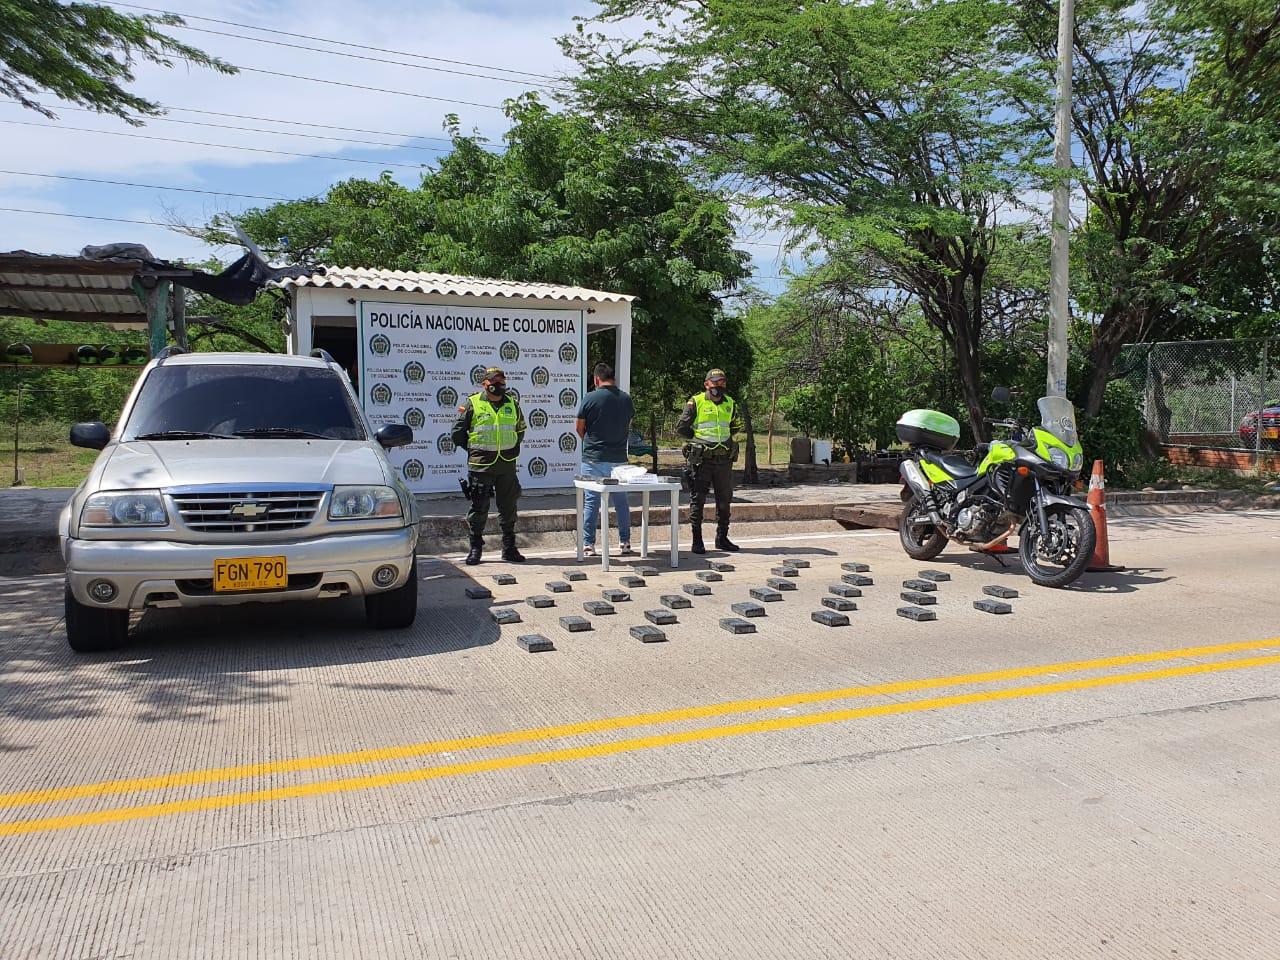 https://www.notasrosas.com/En zona rural de San Juan del Cesar, lo capturan con 44.105 gramos de cocaína